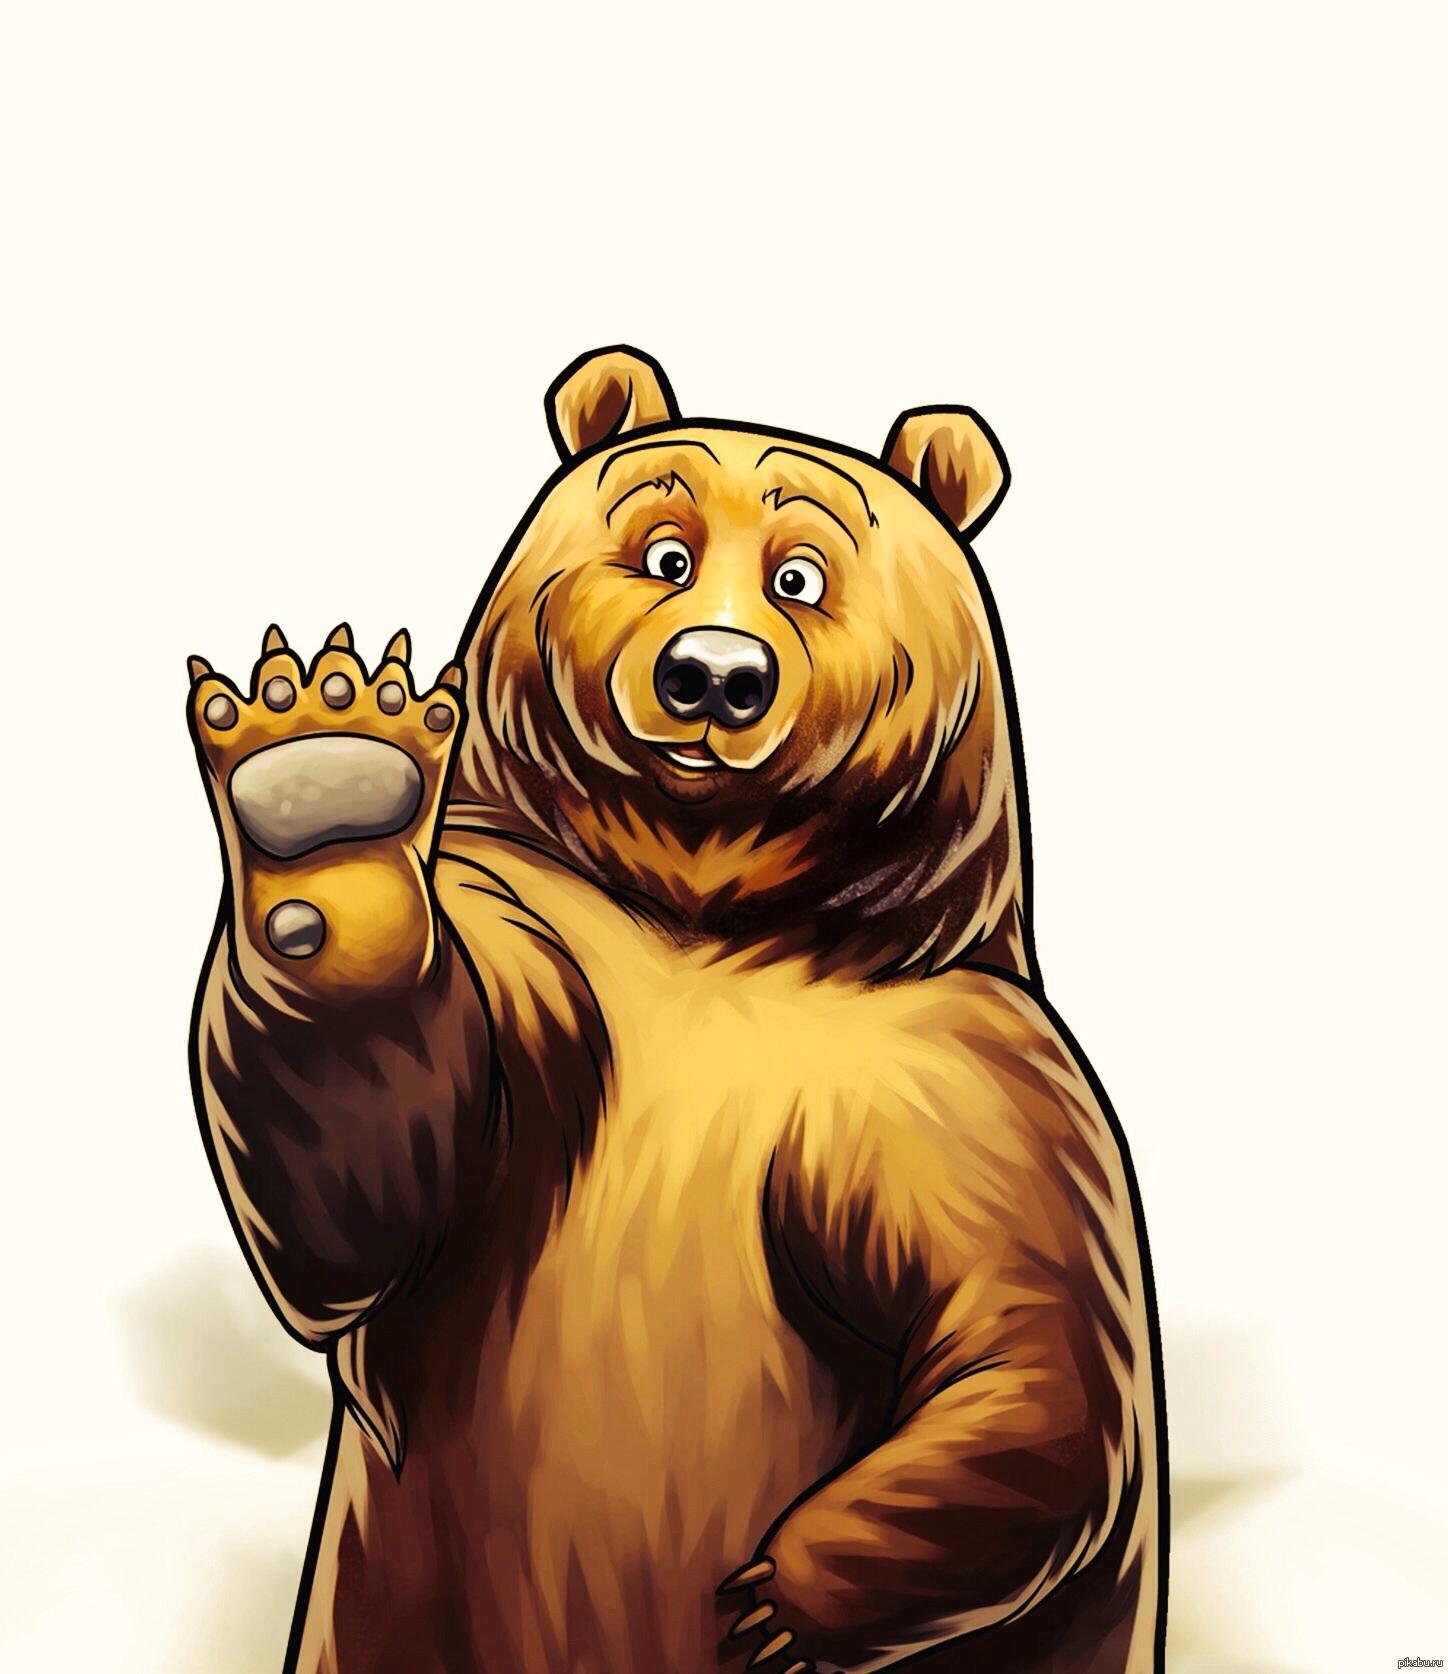 Мартом коллегам, прикольные картинки медведя на аву